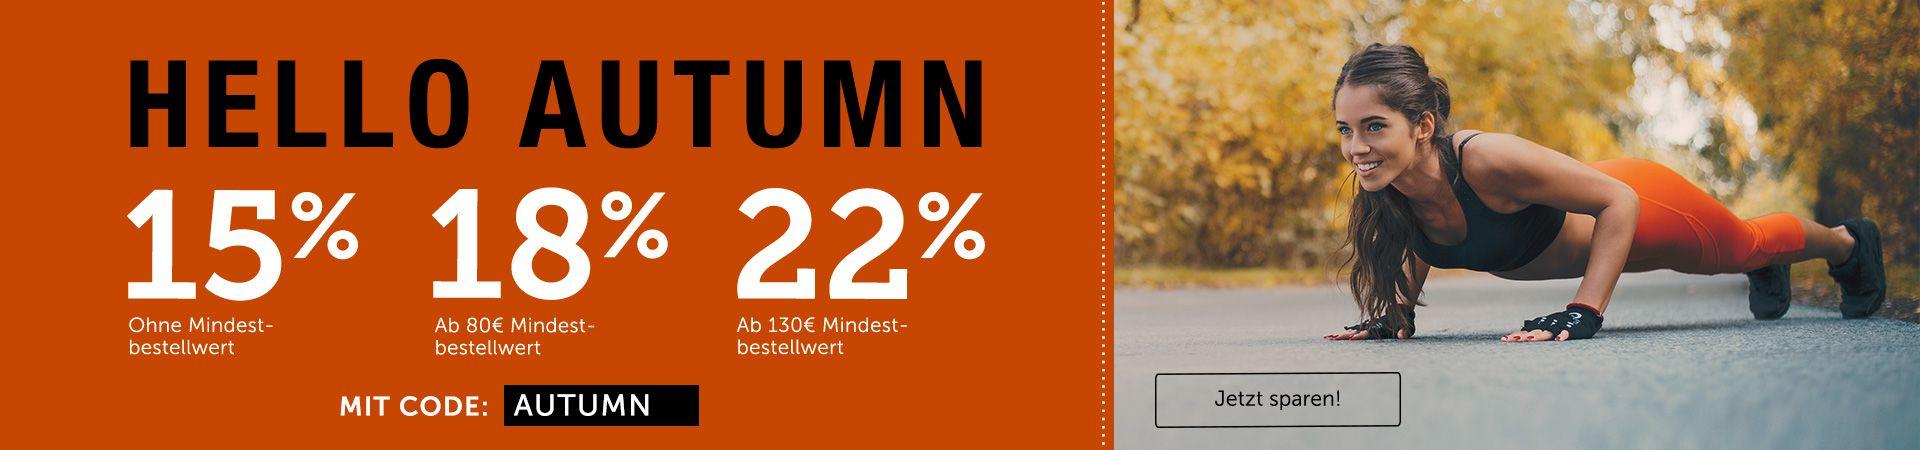 Hol dir bis zu 22% Rabatt auf Alles zum Herbstanfang mit Code AUTUMN